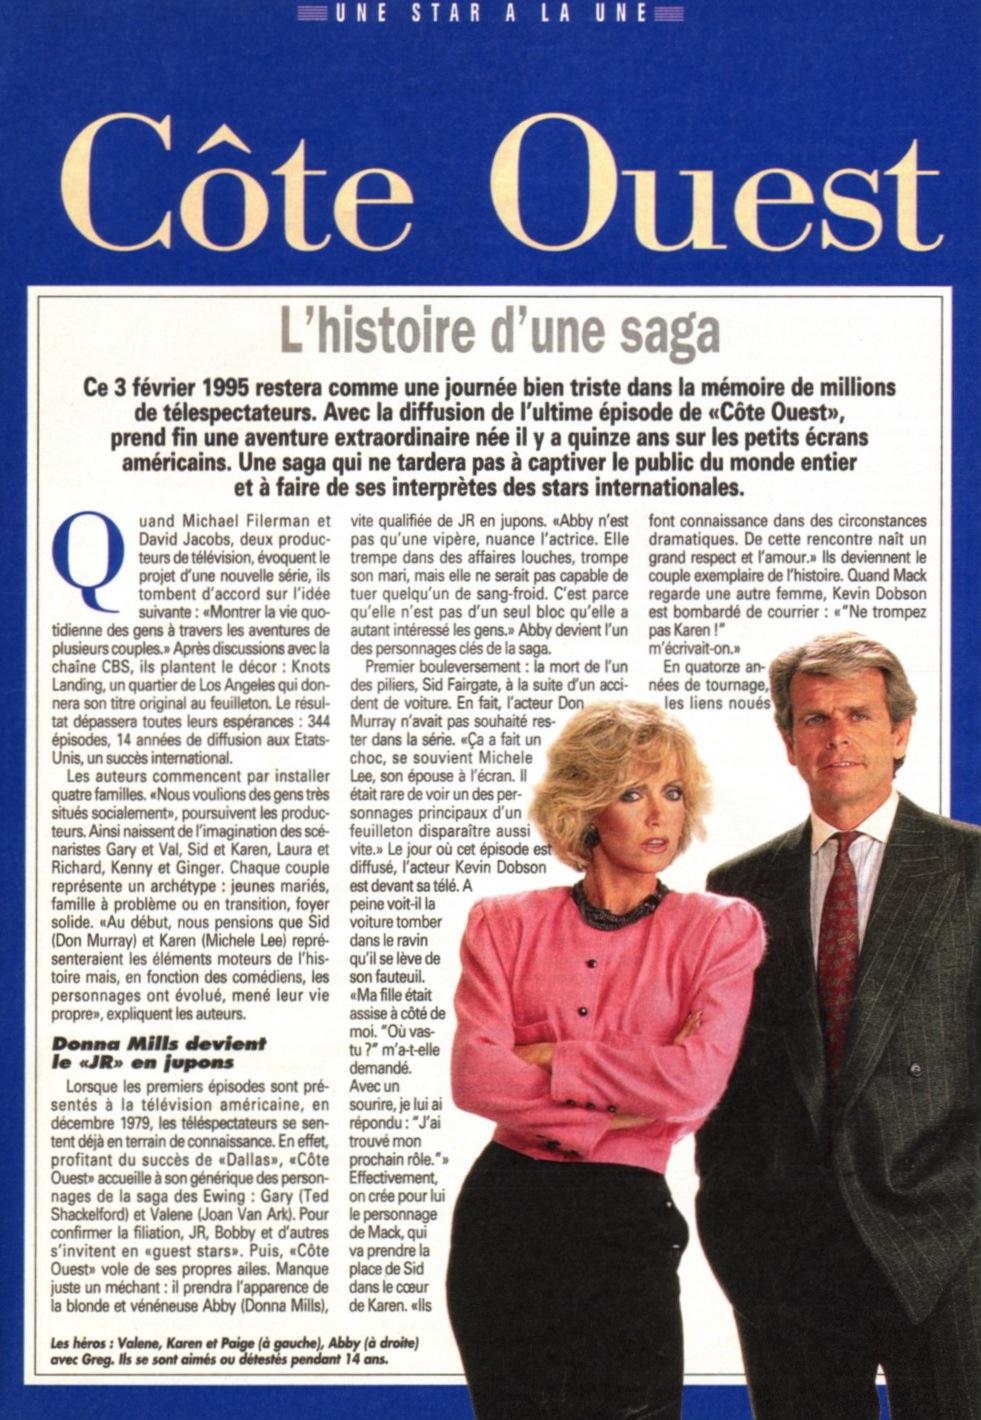 http://grenierdelatv.free.fr/telestar2.jpg